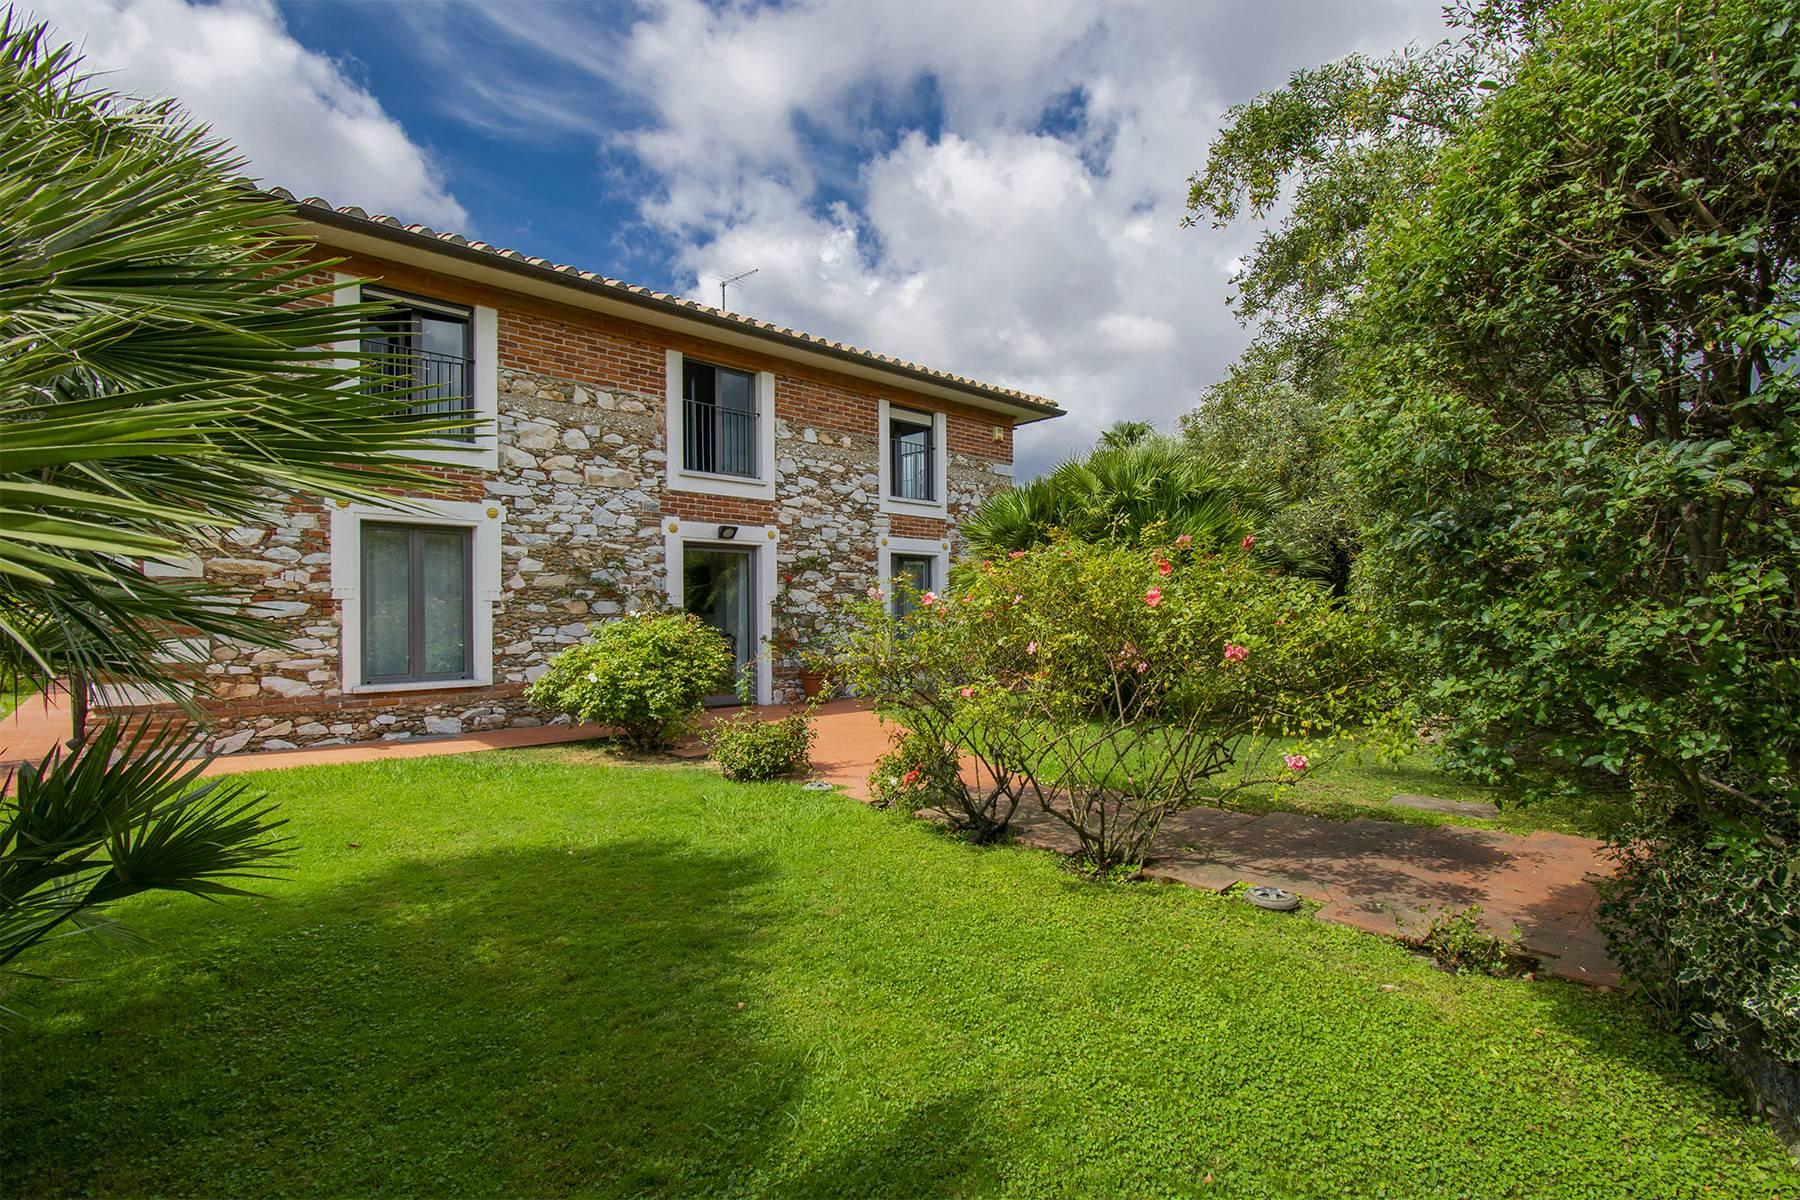 Casa indipendente in Vendita a Pietrasanta: 5 locali, 280 mq - Foto 4